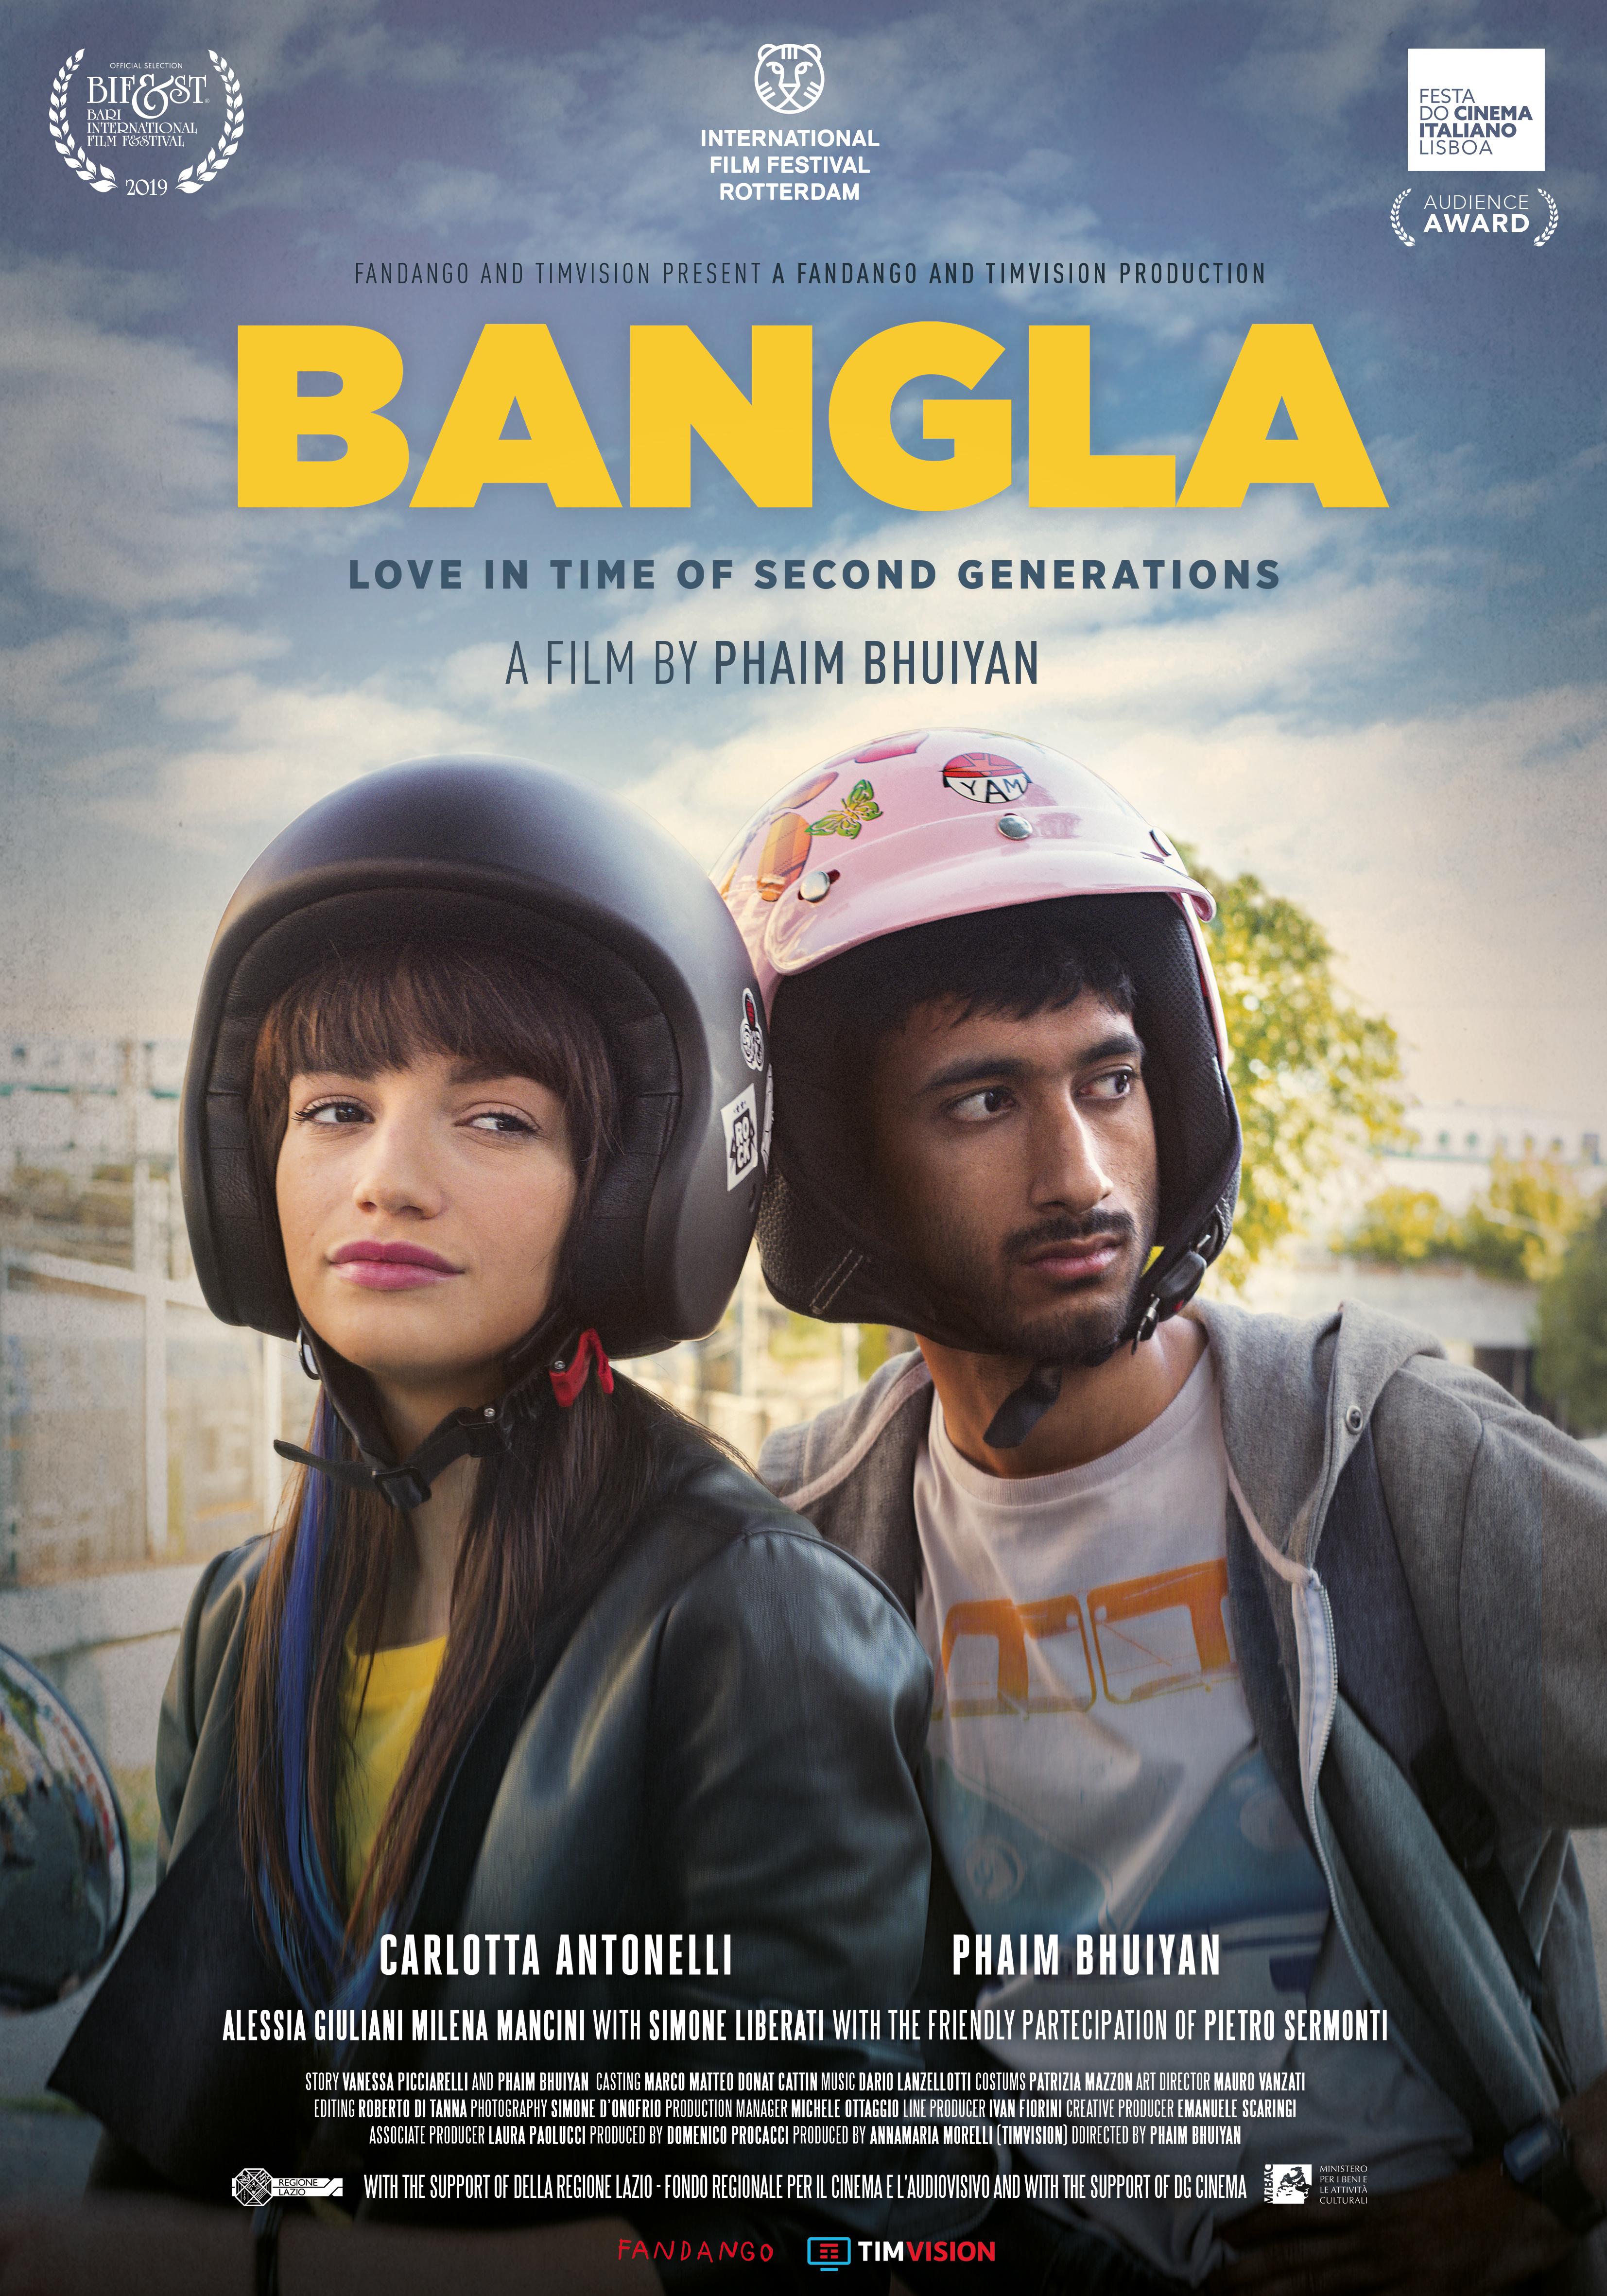 Poster for Bangla